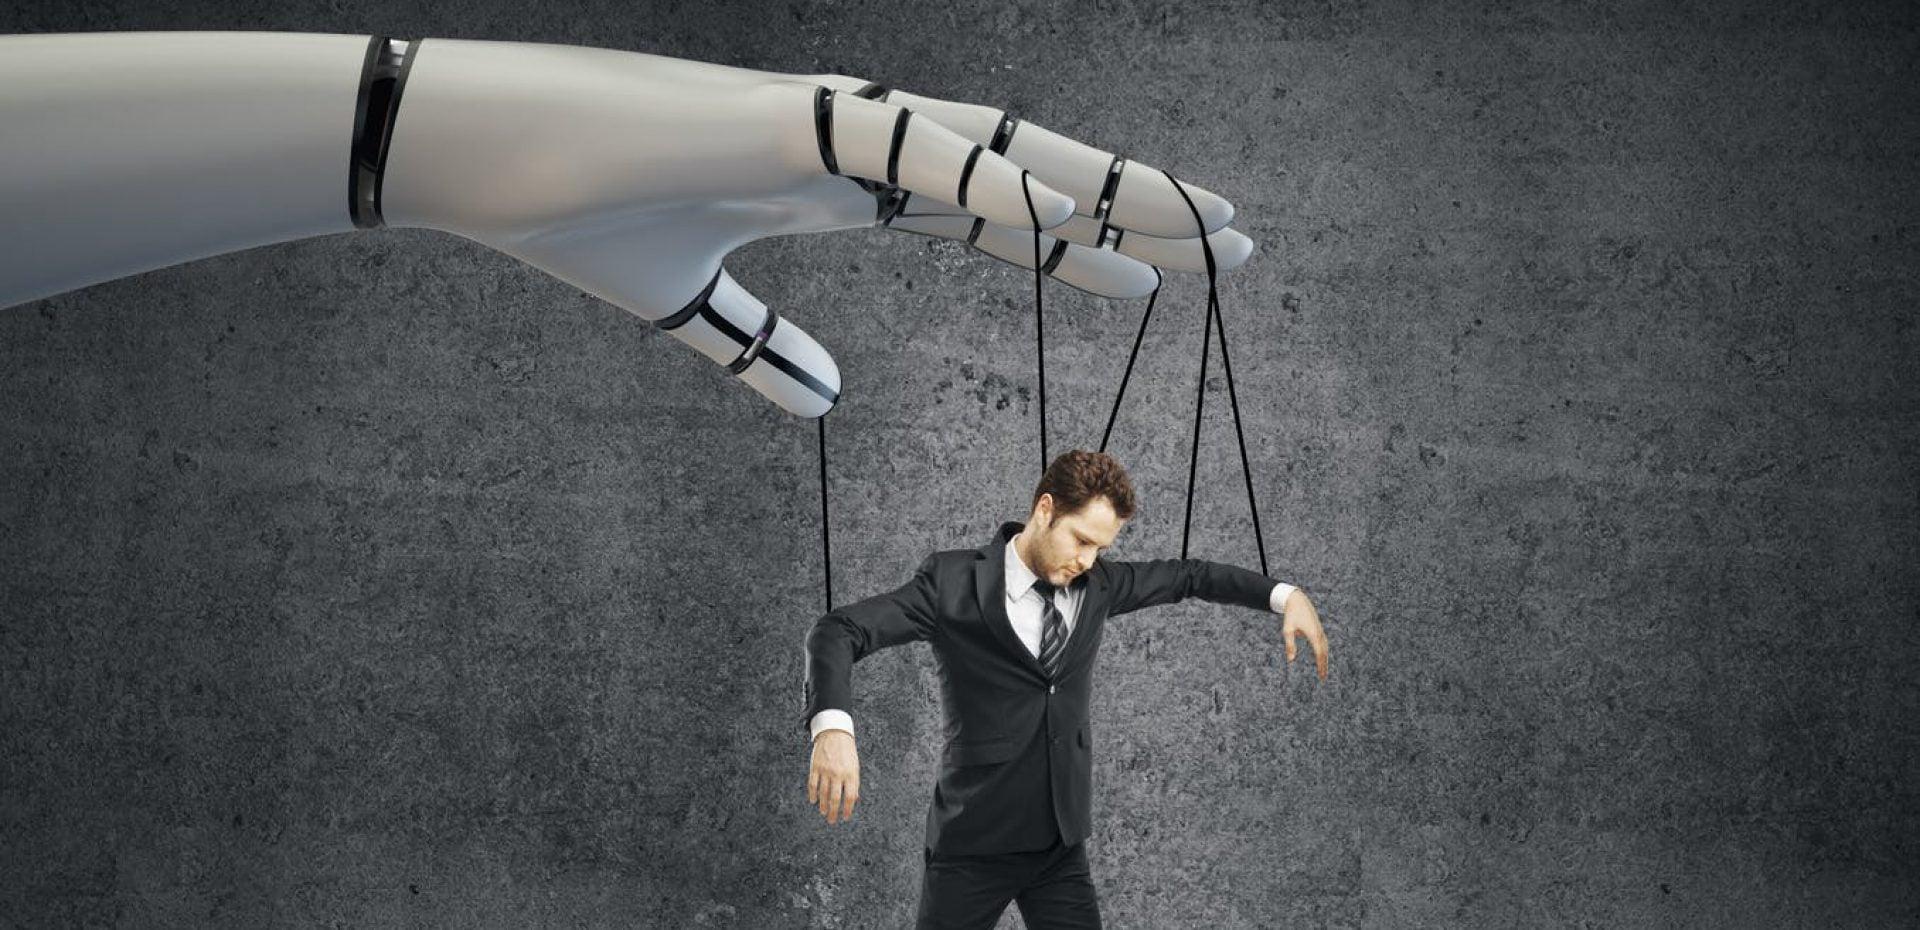 تأثیر هوش مصنوعی در زندگی بشر